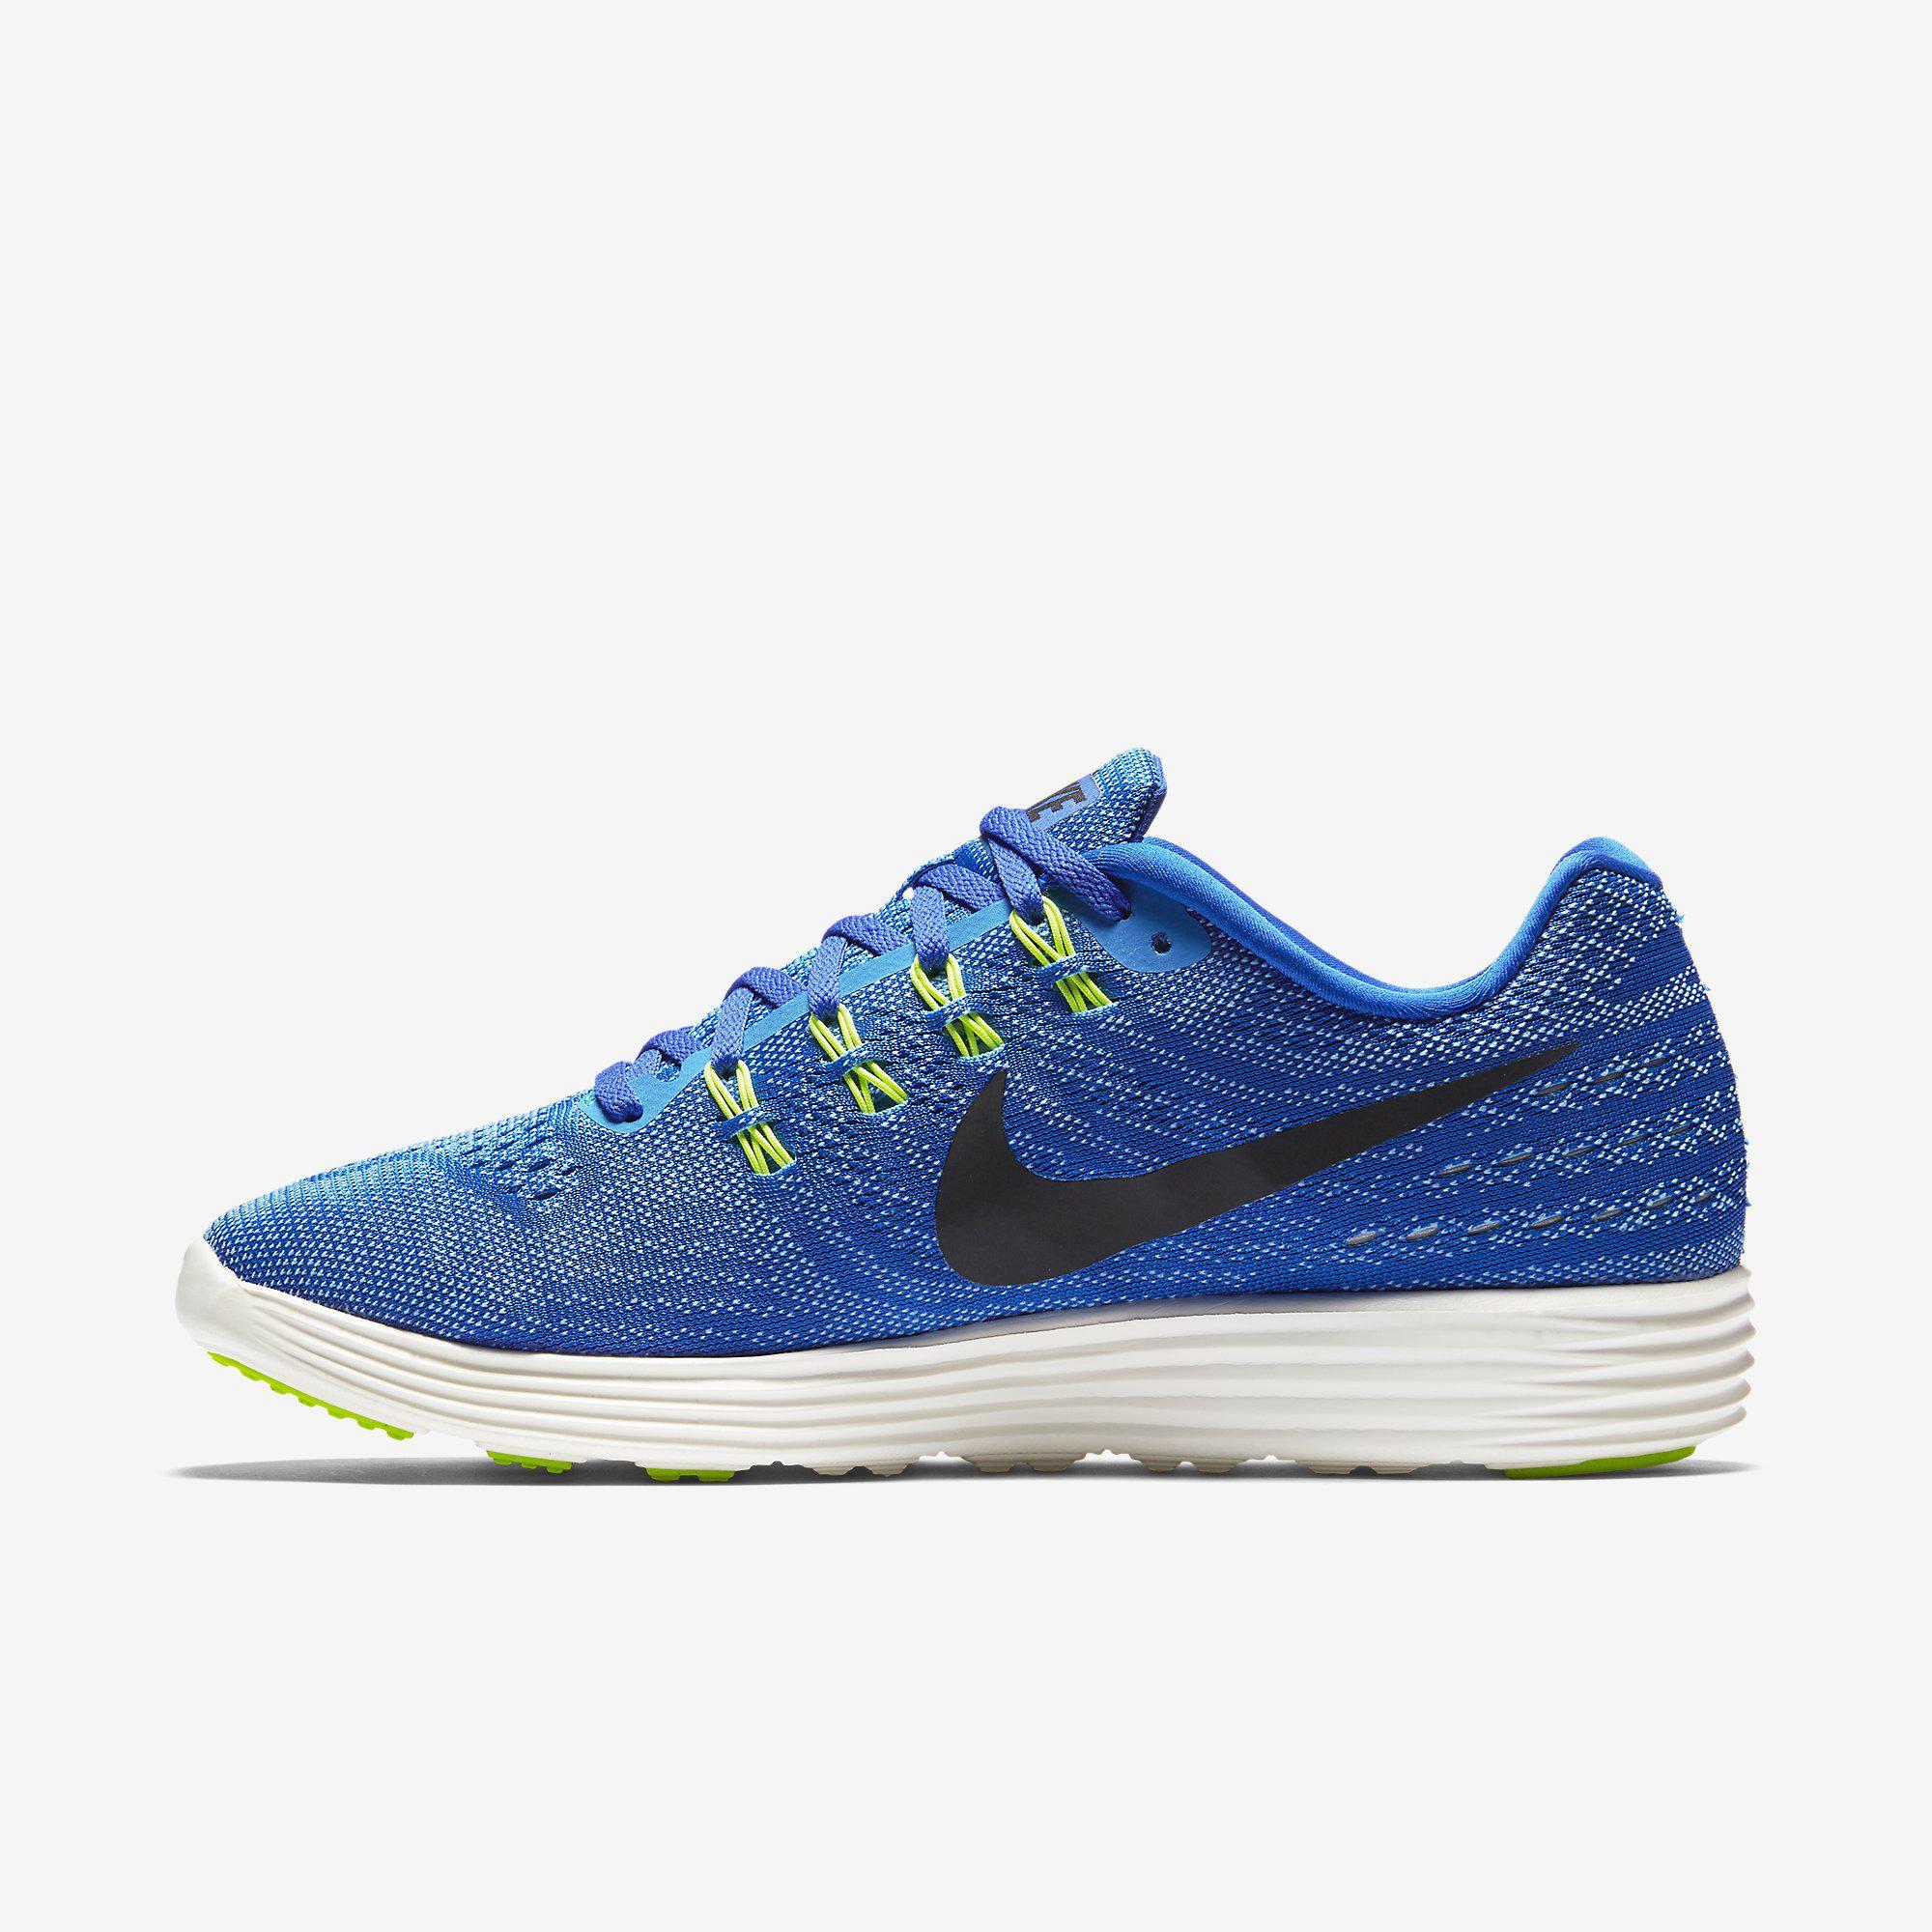 nike mens lunartempo 2 running shoes racer blue. Black Bedroom Furniture Sets. Home Design Ideas